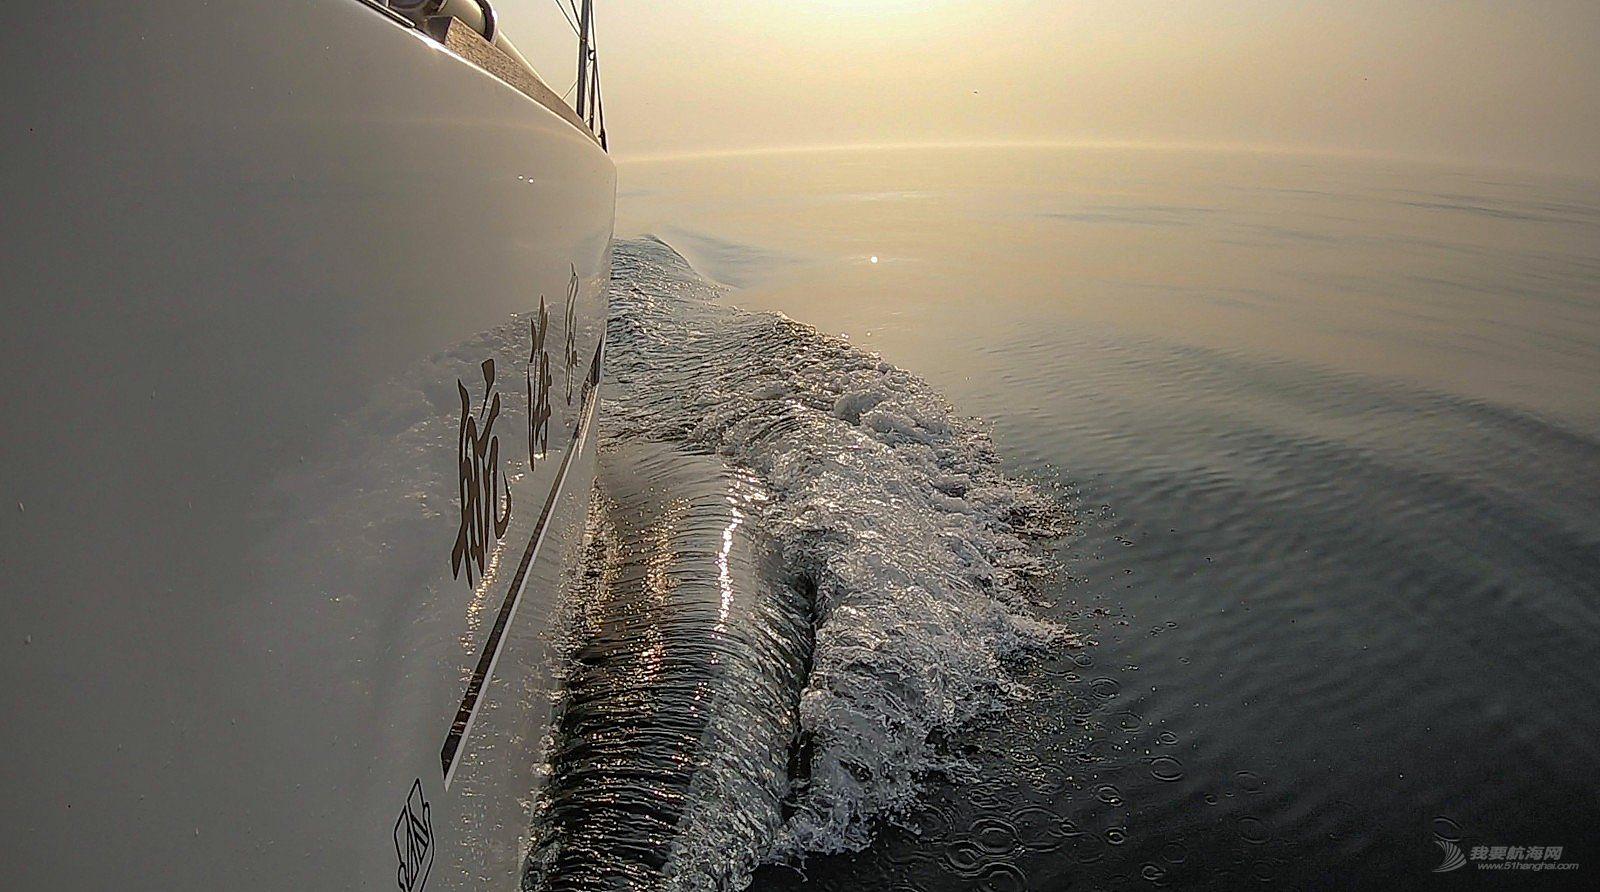 船上人生-----我眼中的驭风骑士